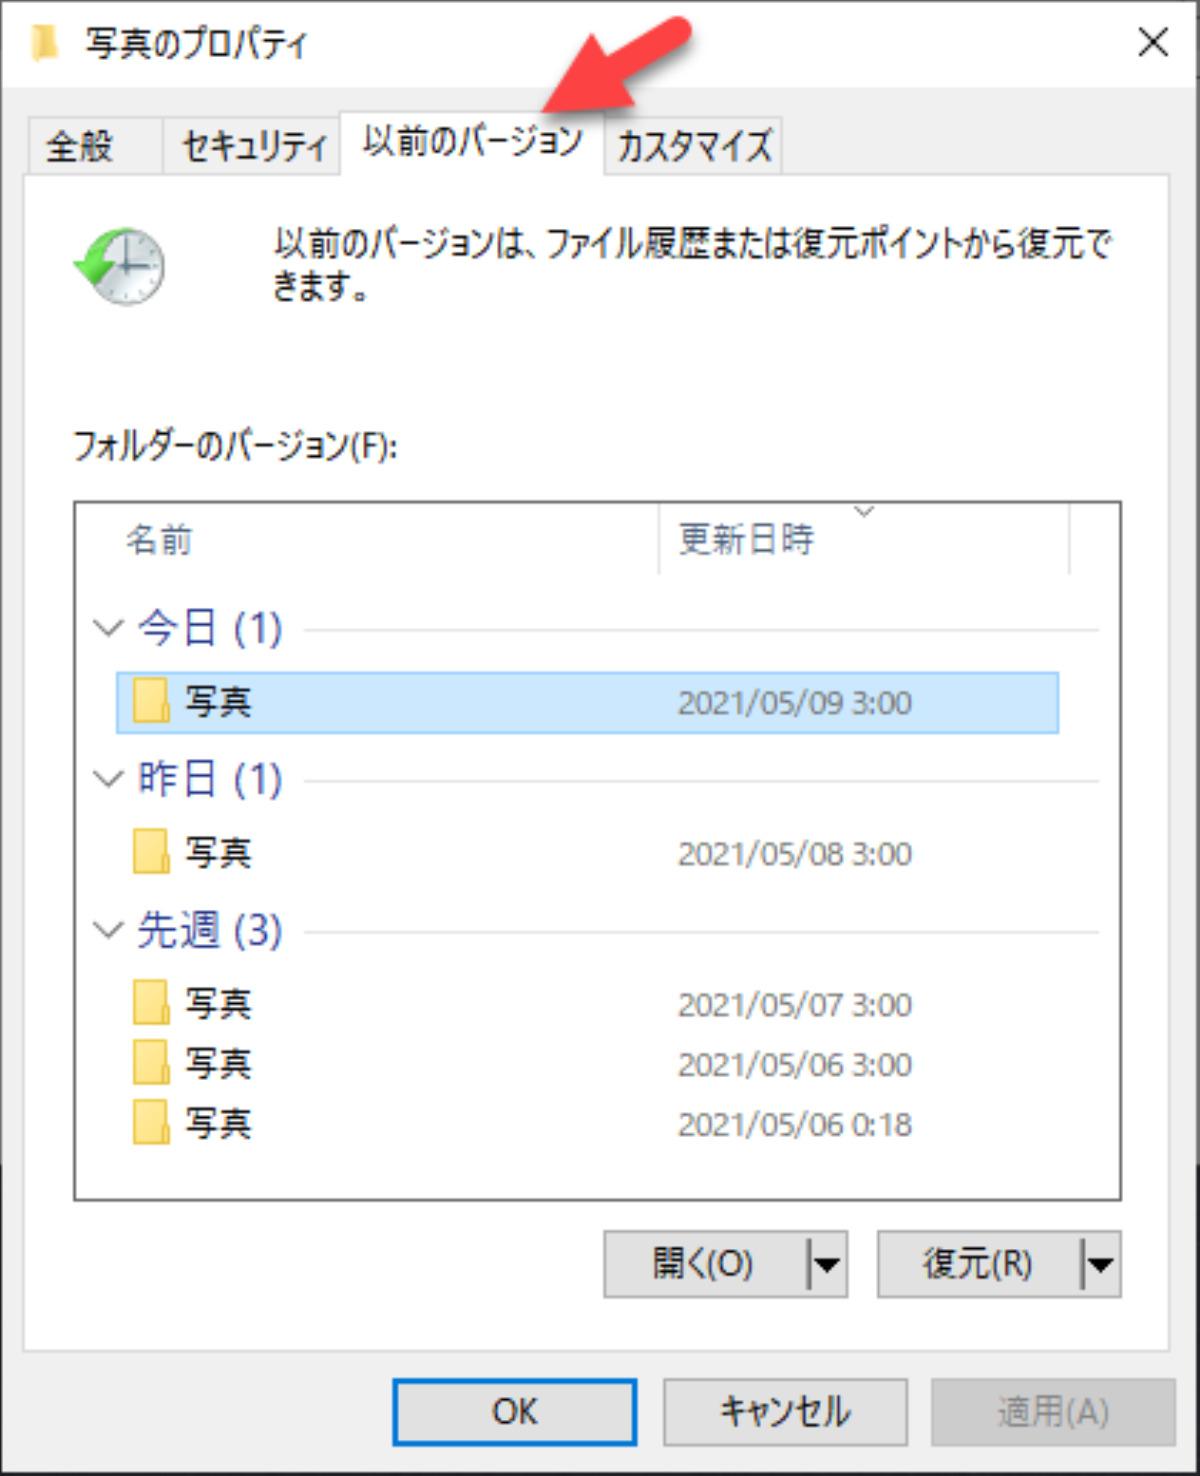 QNAP NASの共有フォルダをWindows PCの「以前のバージョン」を利用できる